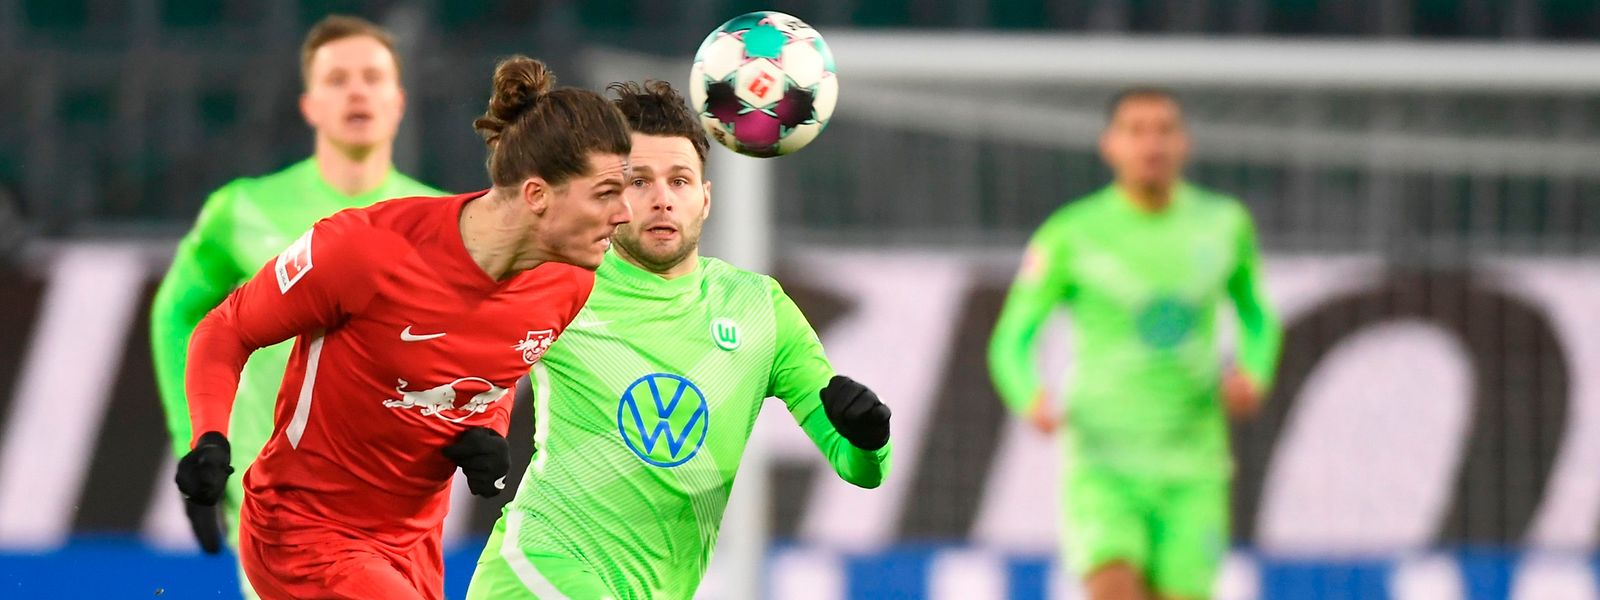 Marcel Sabitzer und Leipzig (vorne), hier gegen Wolfsburgs Renato Steffen, haben zum zweiten Mal in Folge nicht gewonnen.